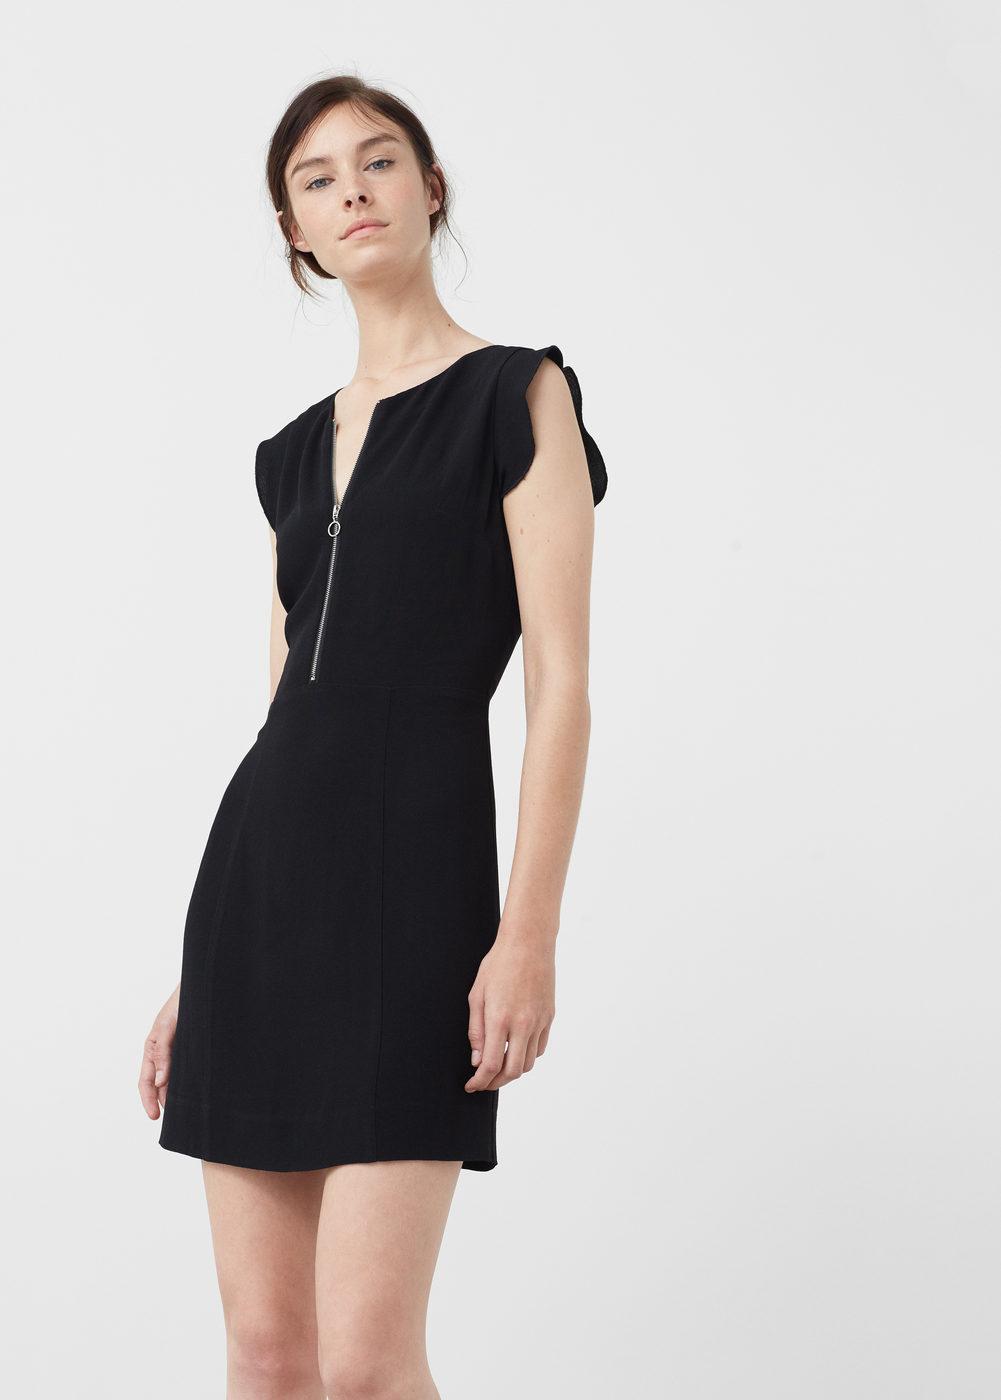 0e20d24a8143 Avance temporada Mango vestidos 26 – Estilos de moda – Moda, estilo ...